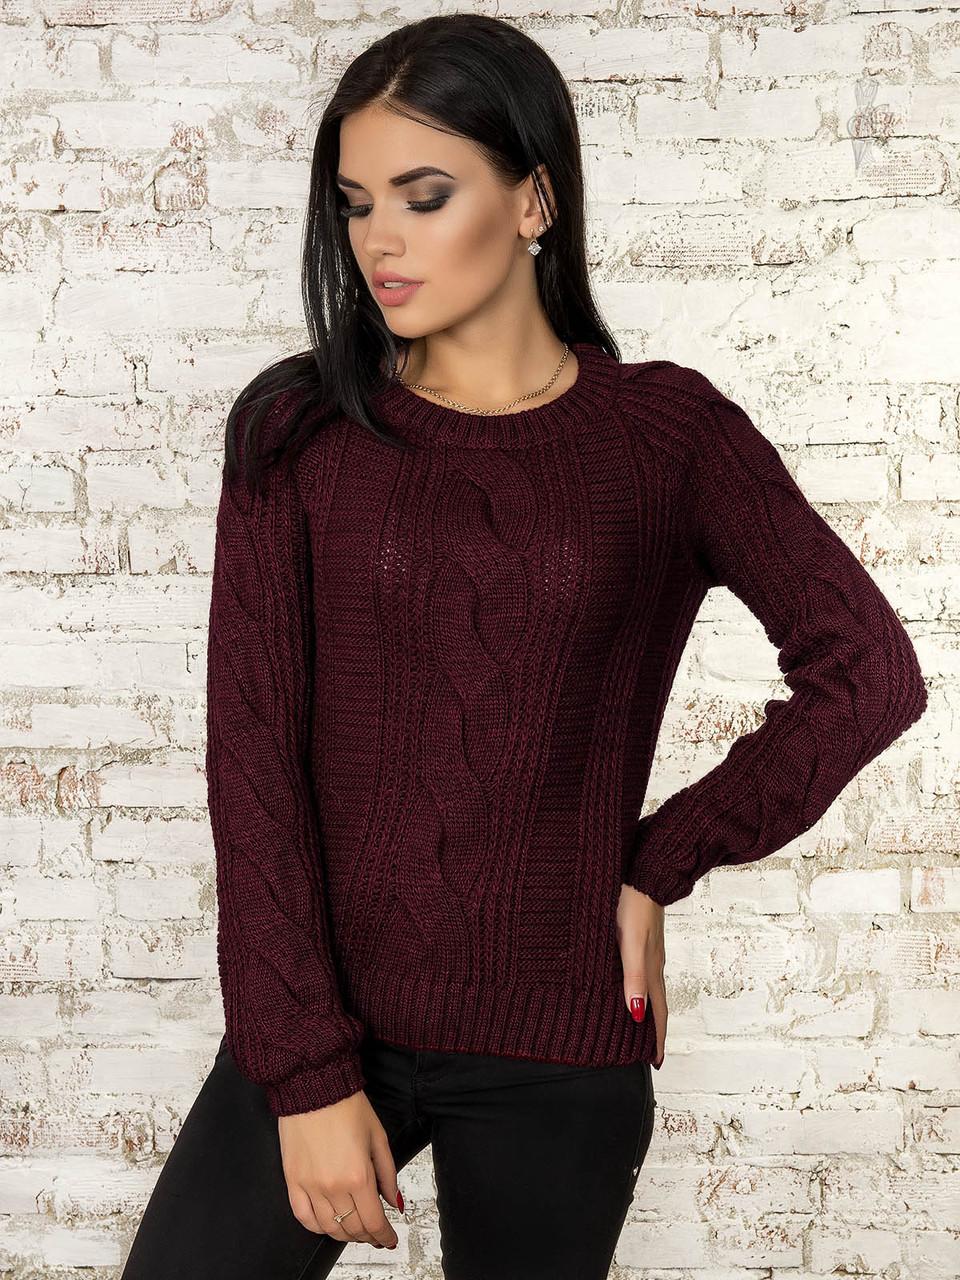 Вязаный женский свитер Николь-3 из шерсти и акрила